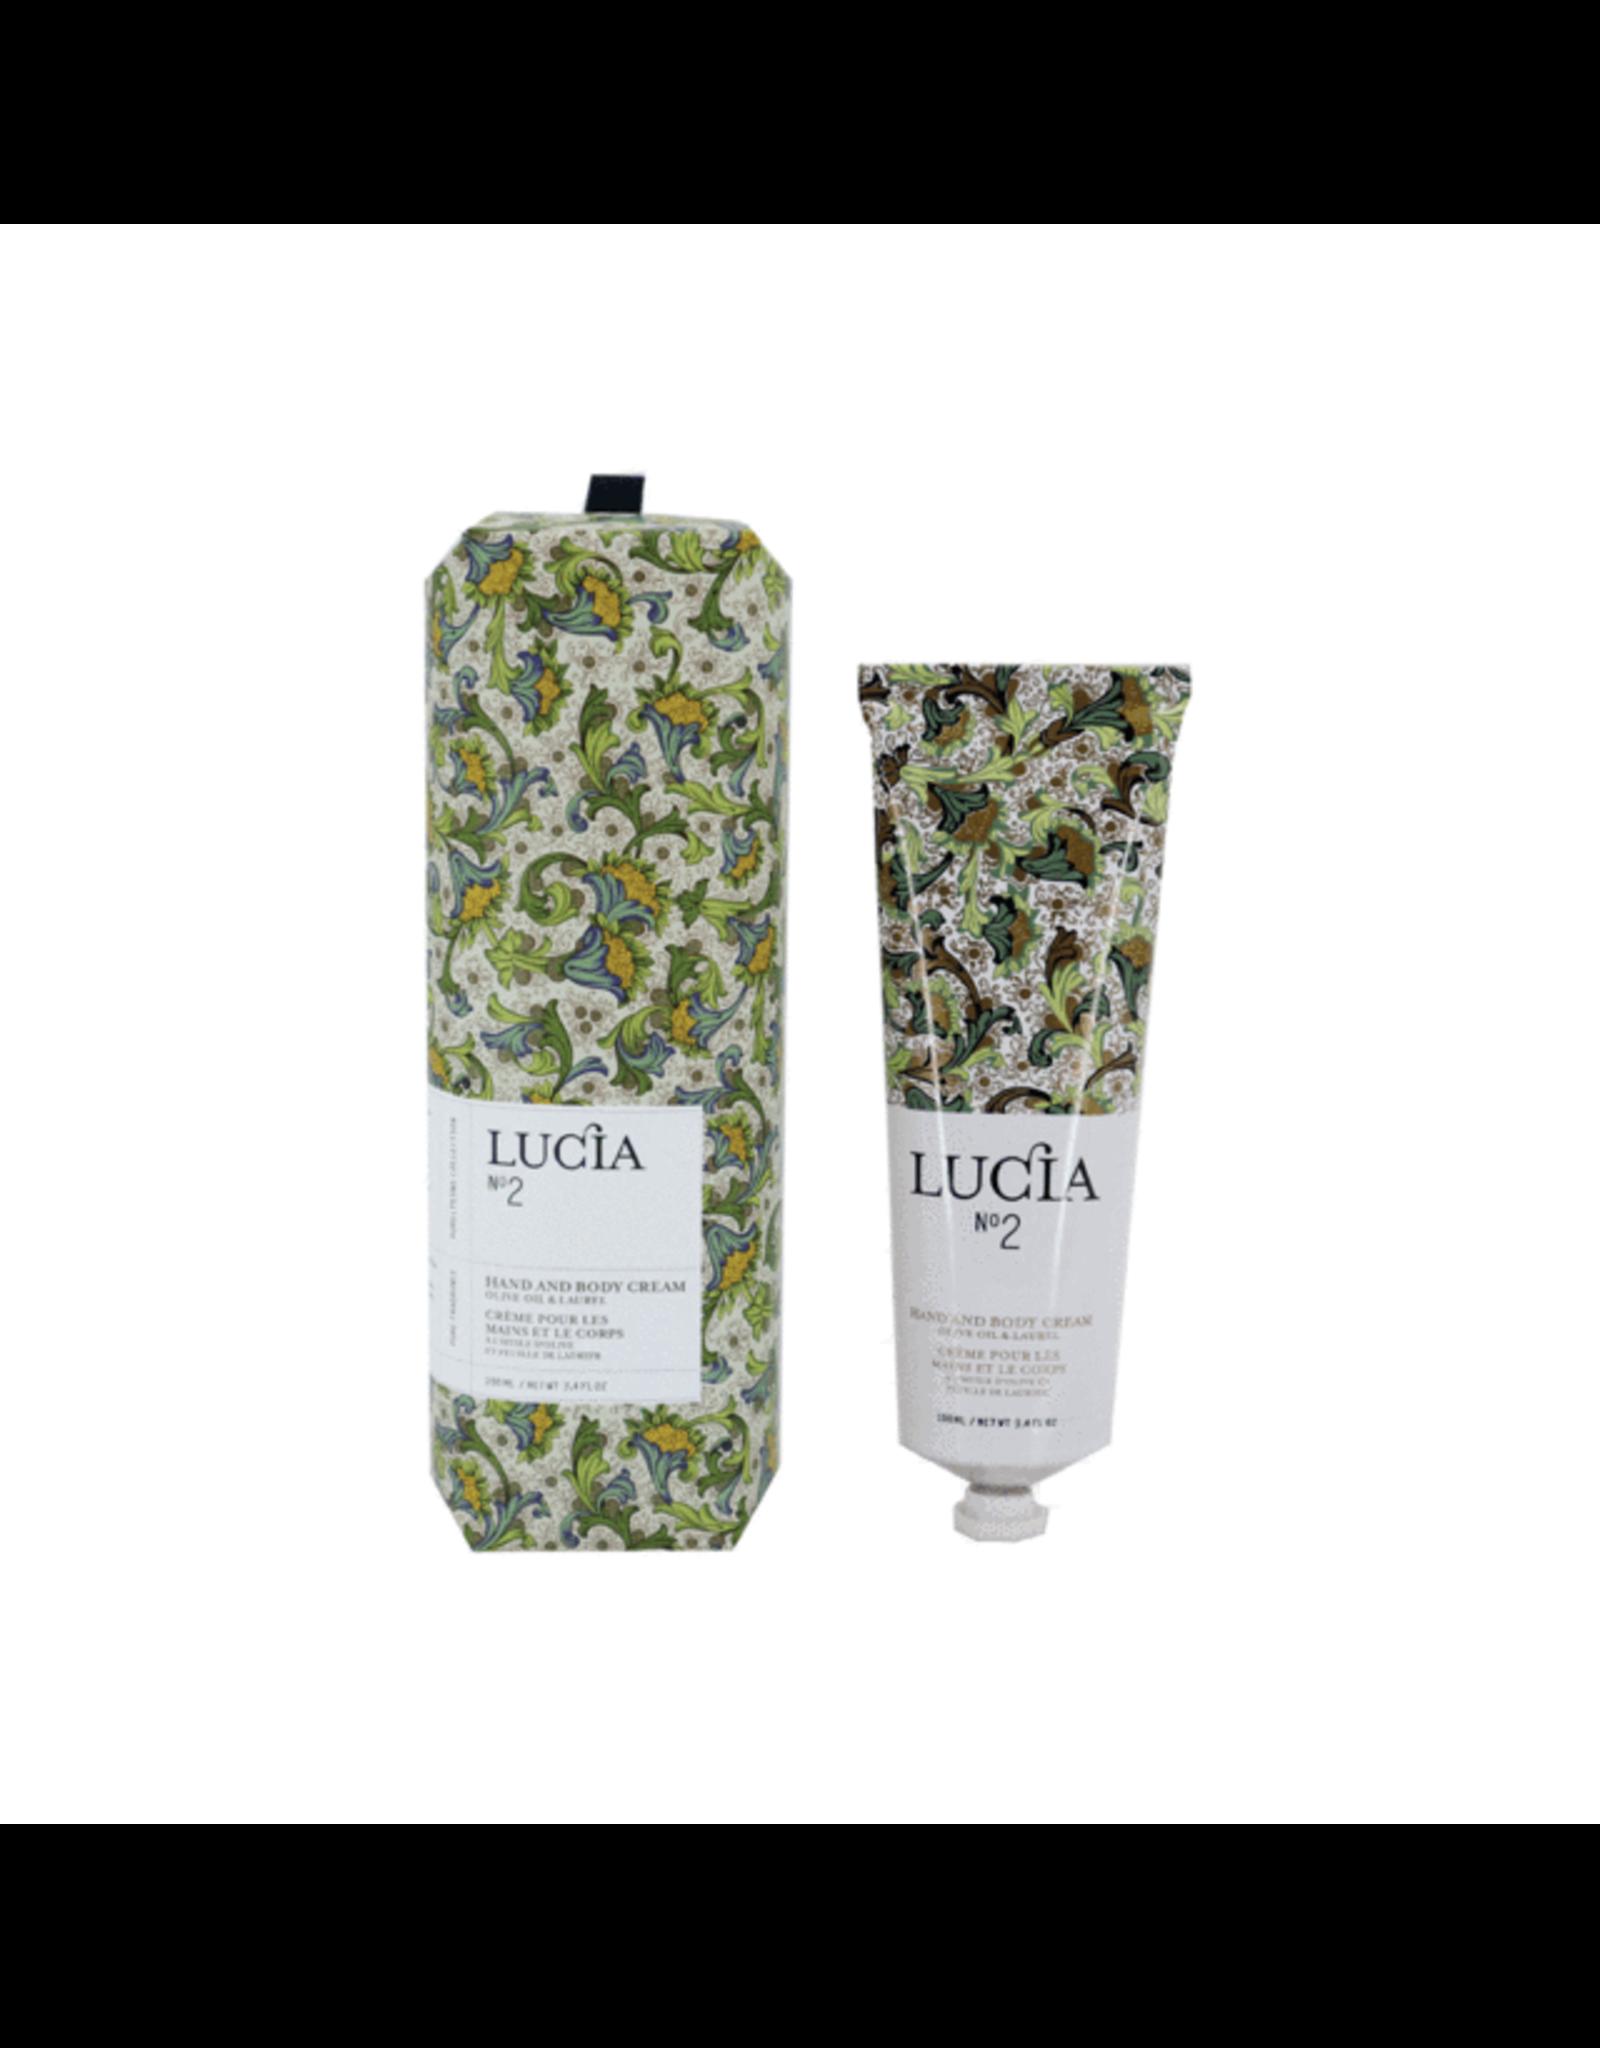 Lucia # 2: Crème pour les mains & corps à l'huile d'olive et feuille de laurier